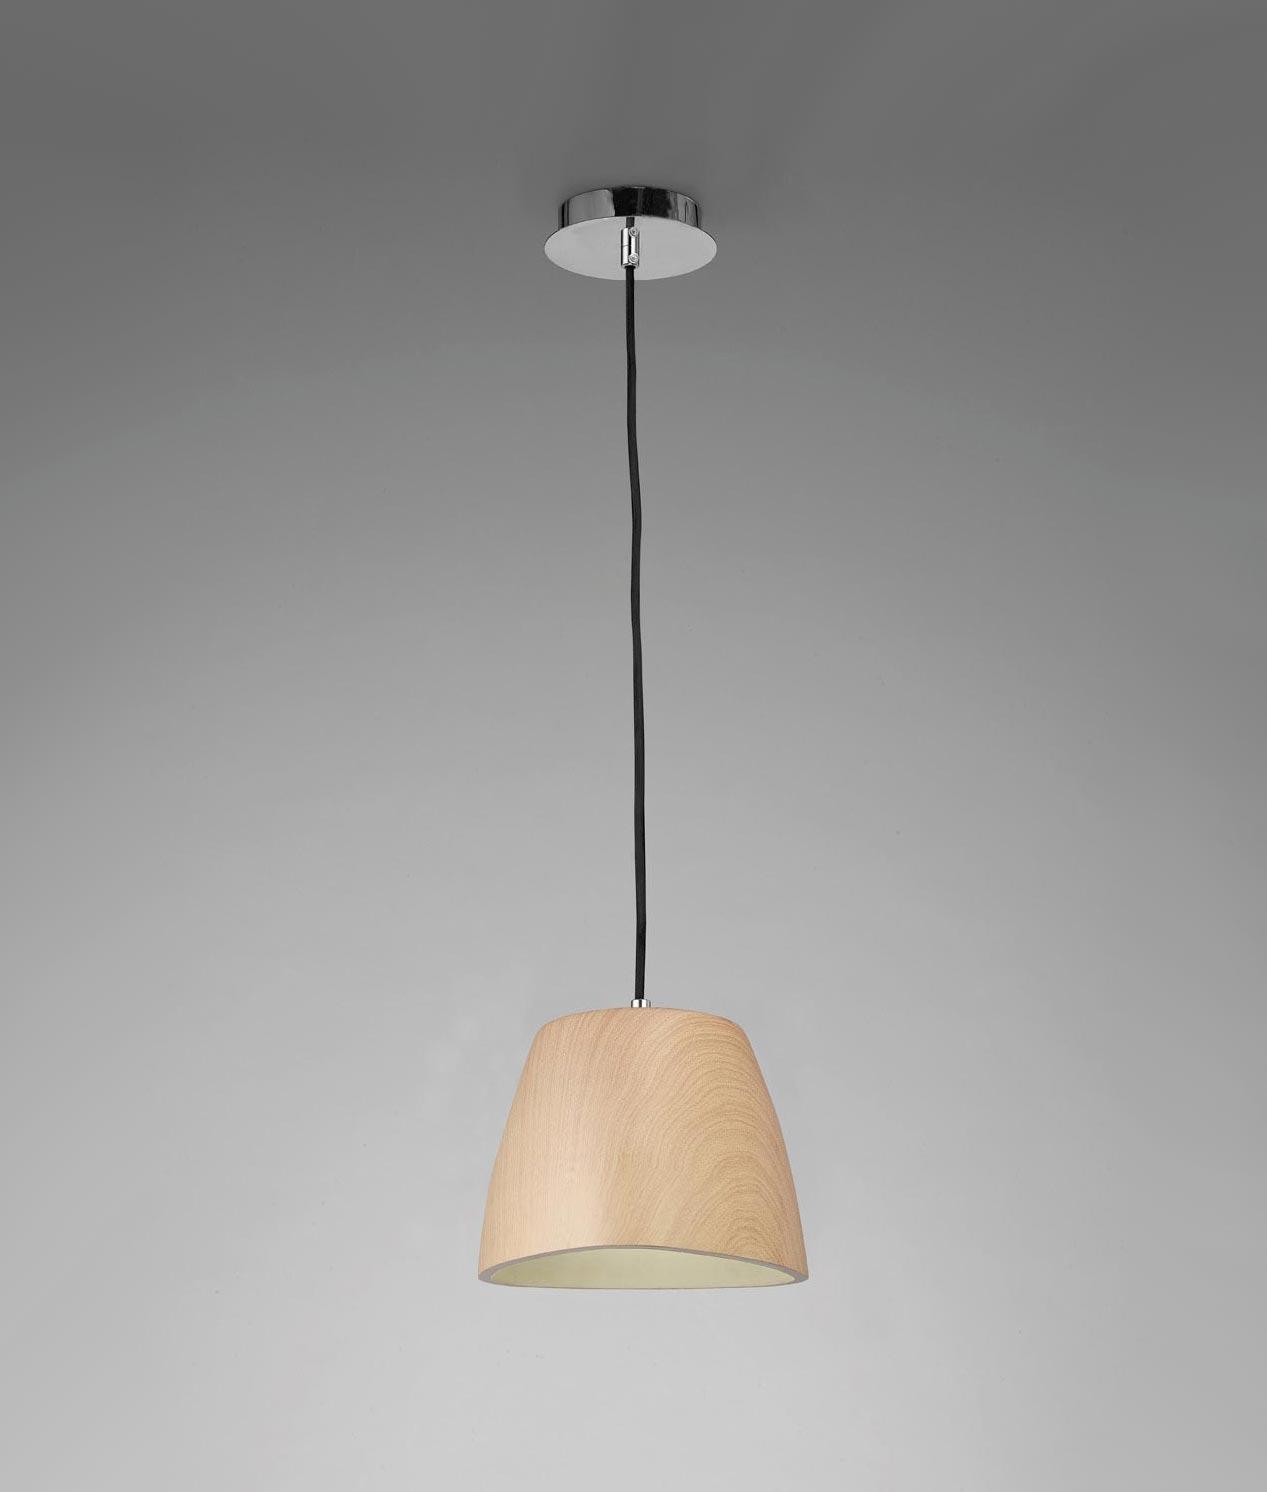 L mpara colgante madera peque a triangle - Casa de las lamparas ...